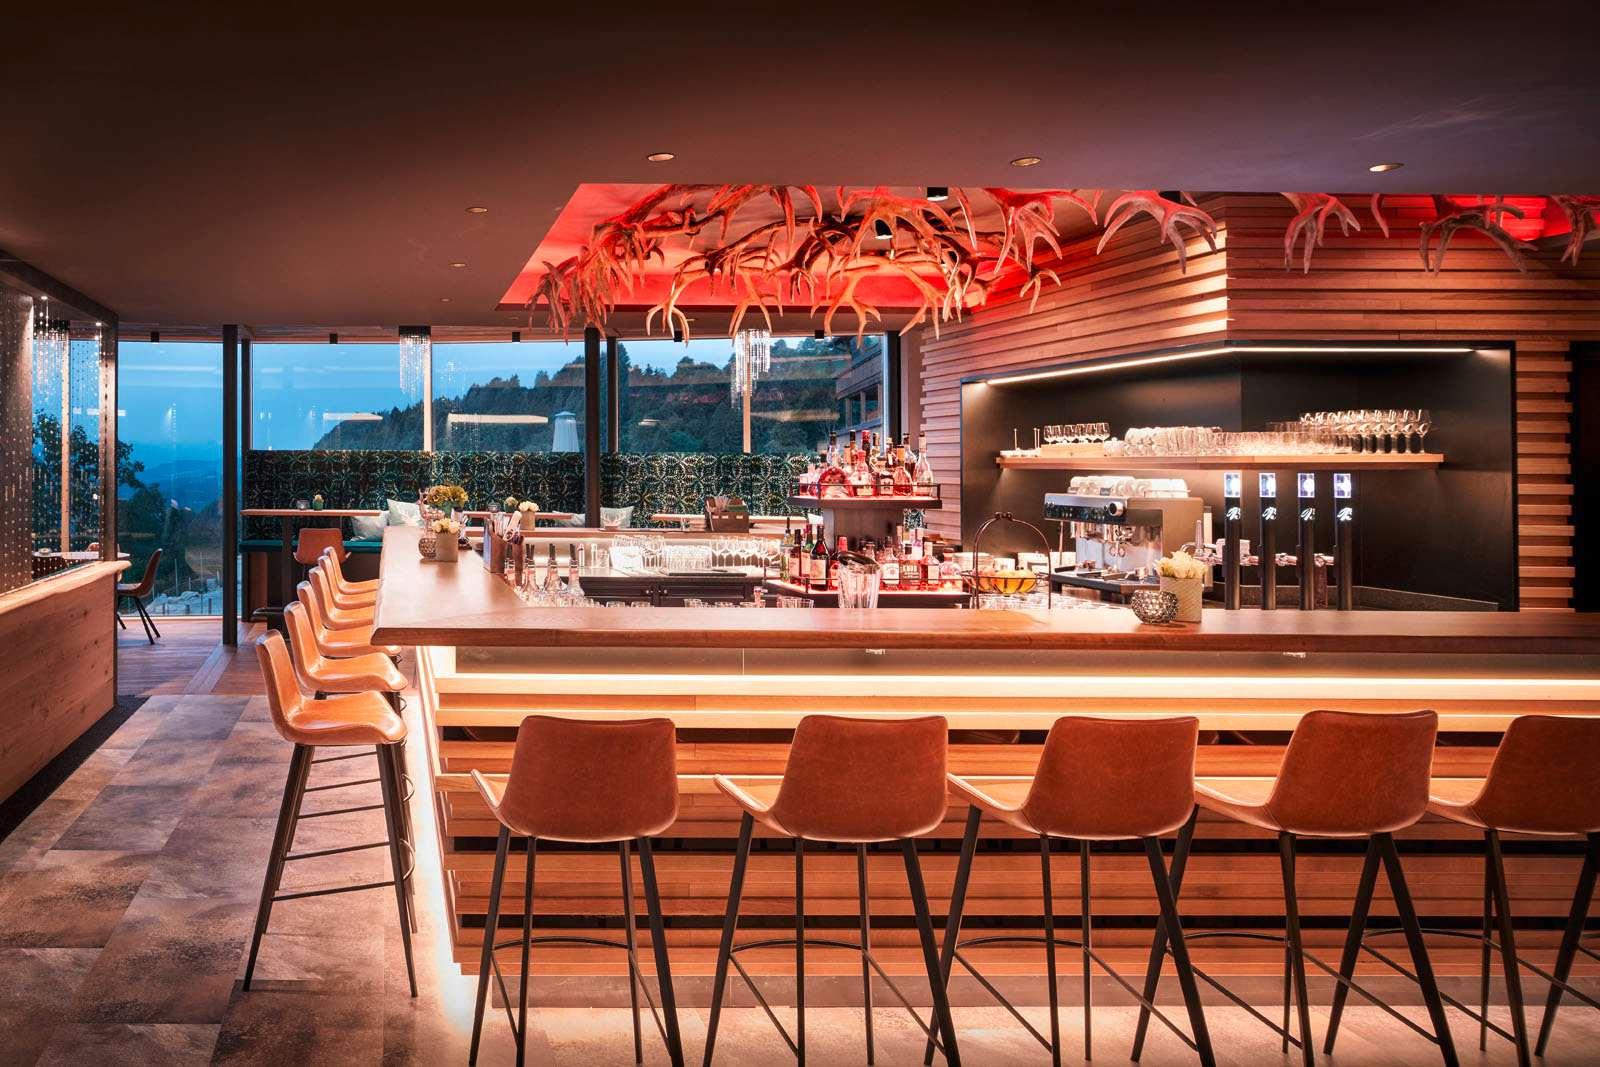 Die Bar mit Hirschgeweih-Applikationen über der Bar.